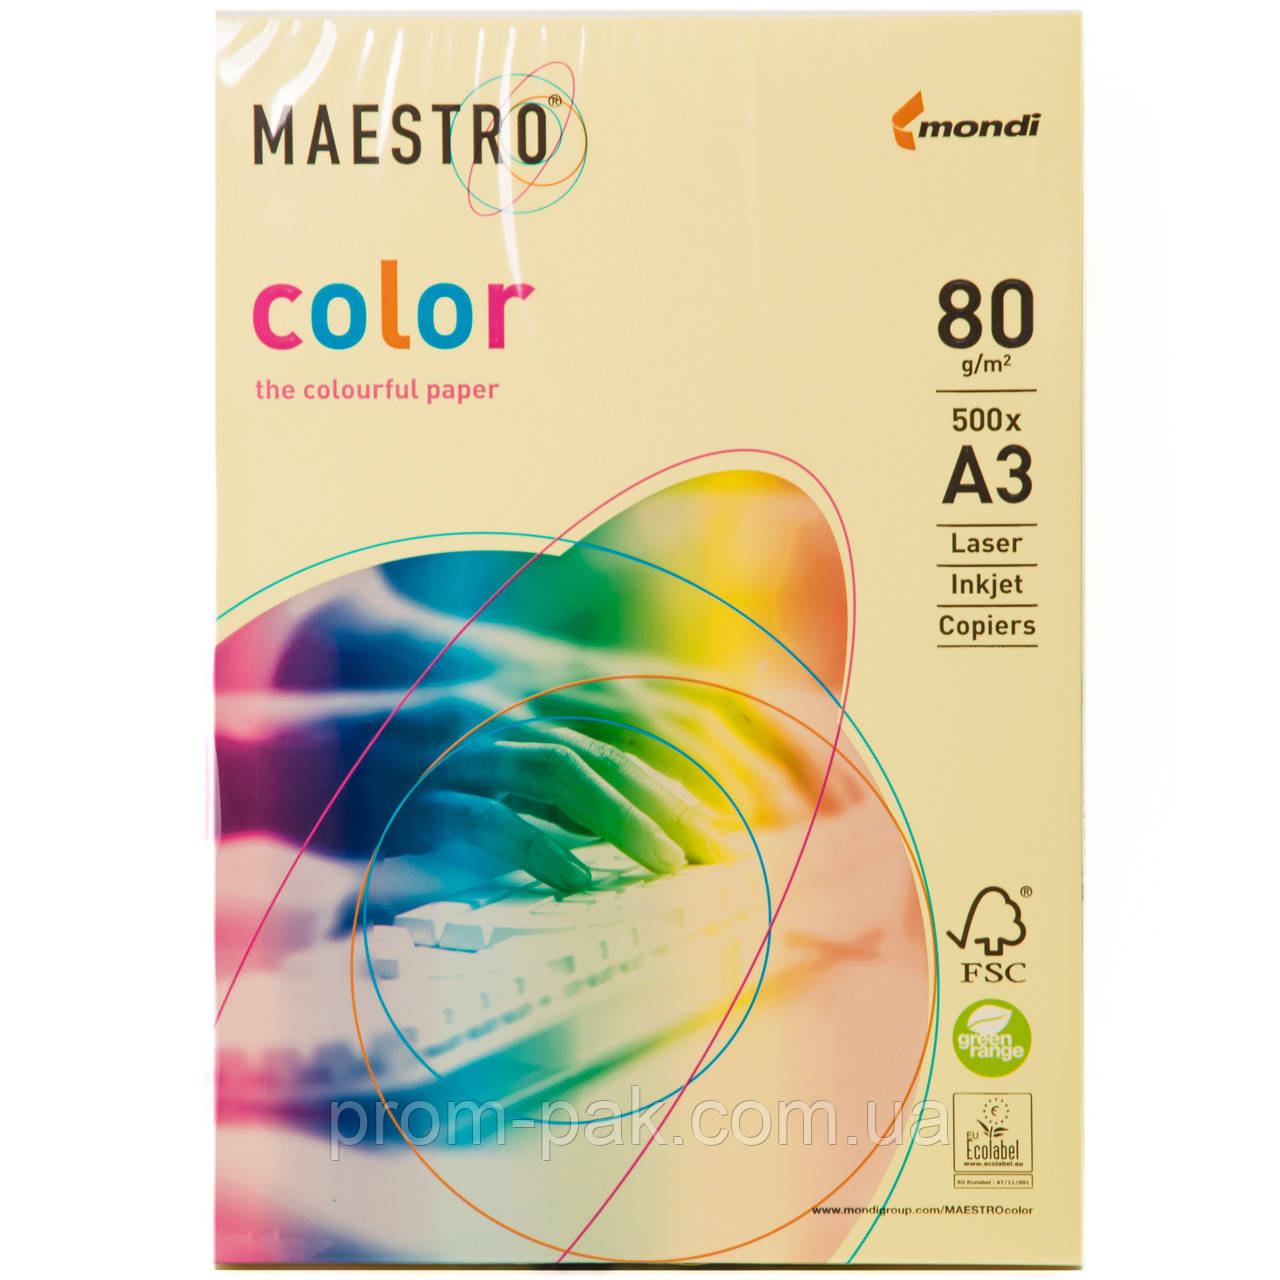 Цветная бумага Maestro А3 г/м² 80 пастель желытй